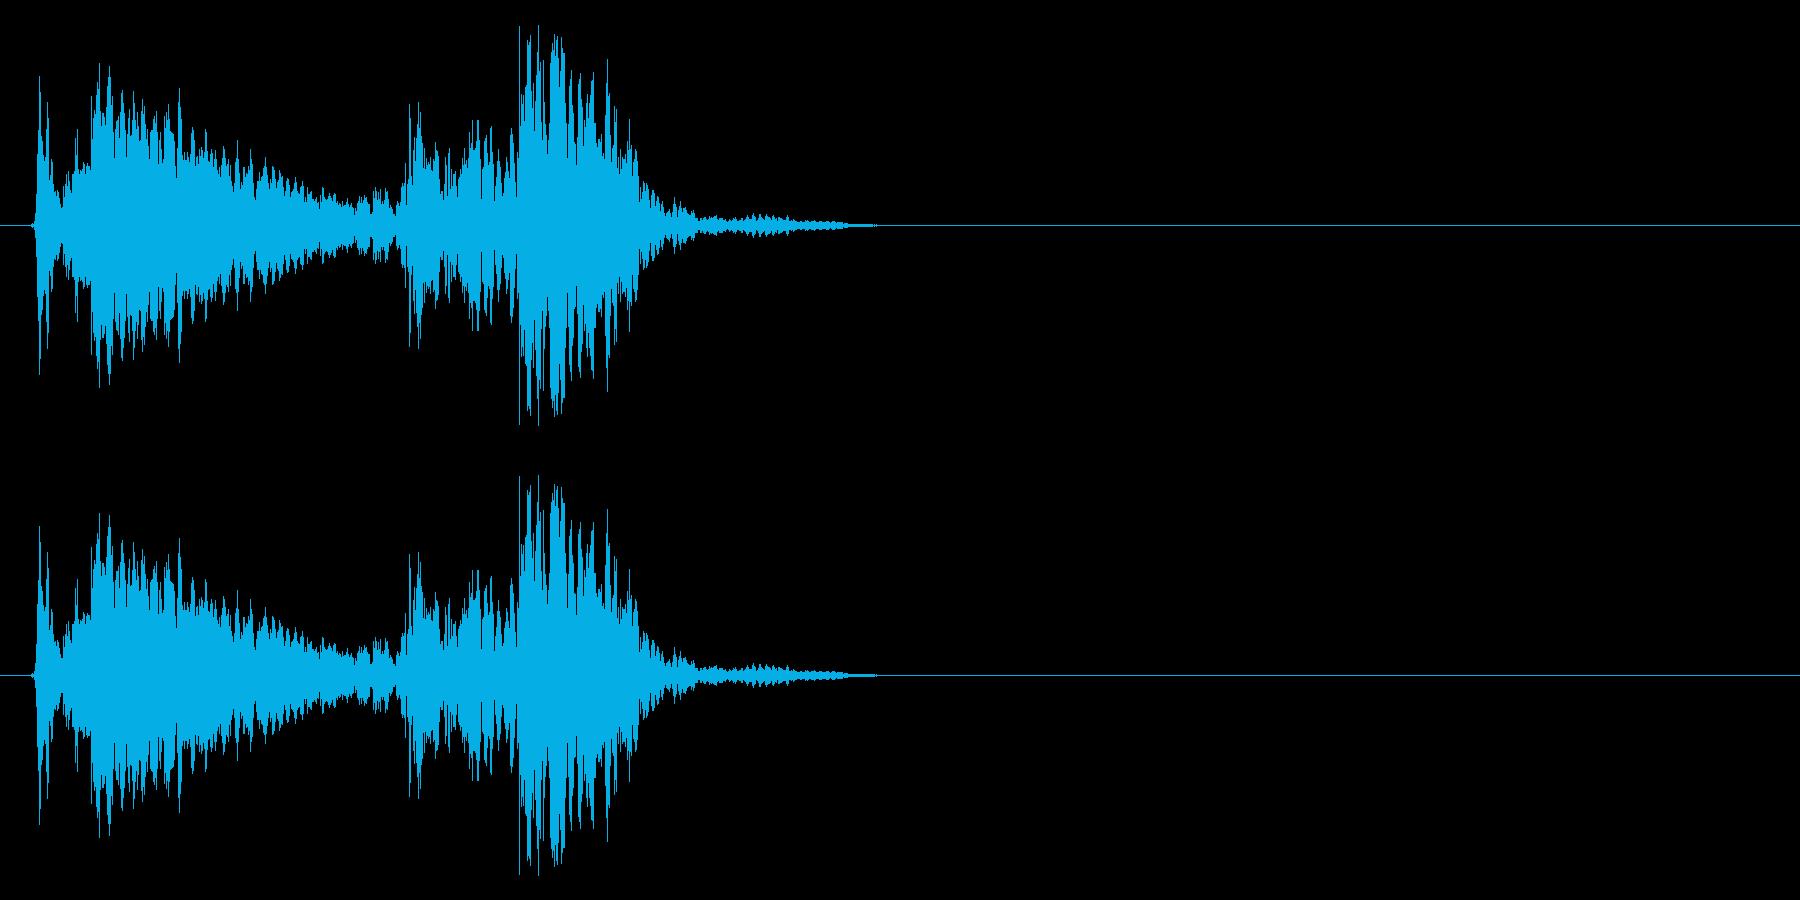 鍵がカーペットの上に落ちる音_3の再生済みの波形